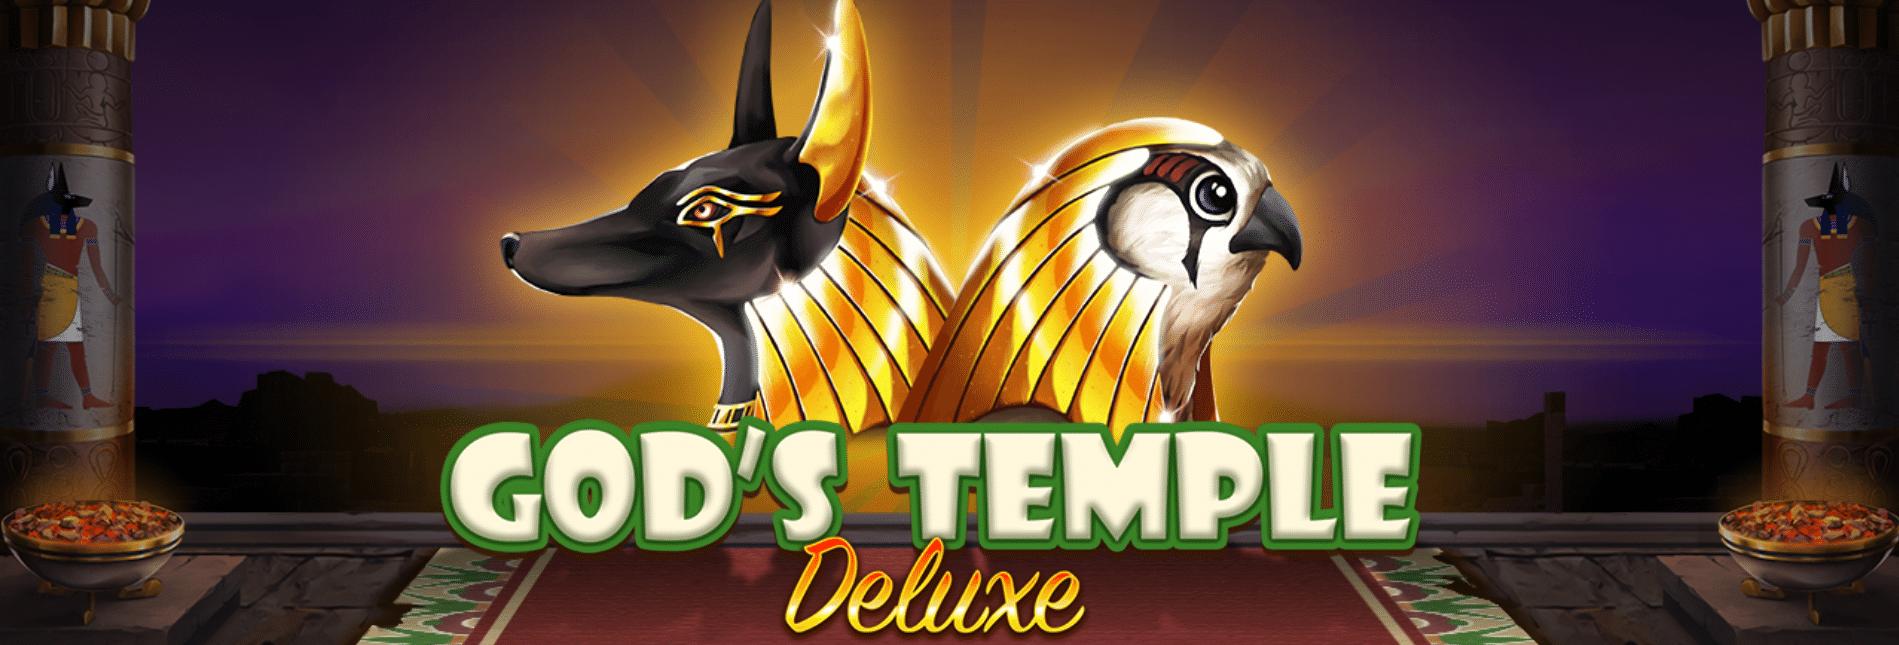 Gods Temple Deluxe, Booongo